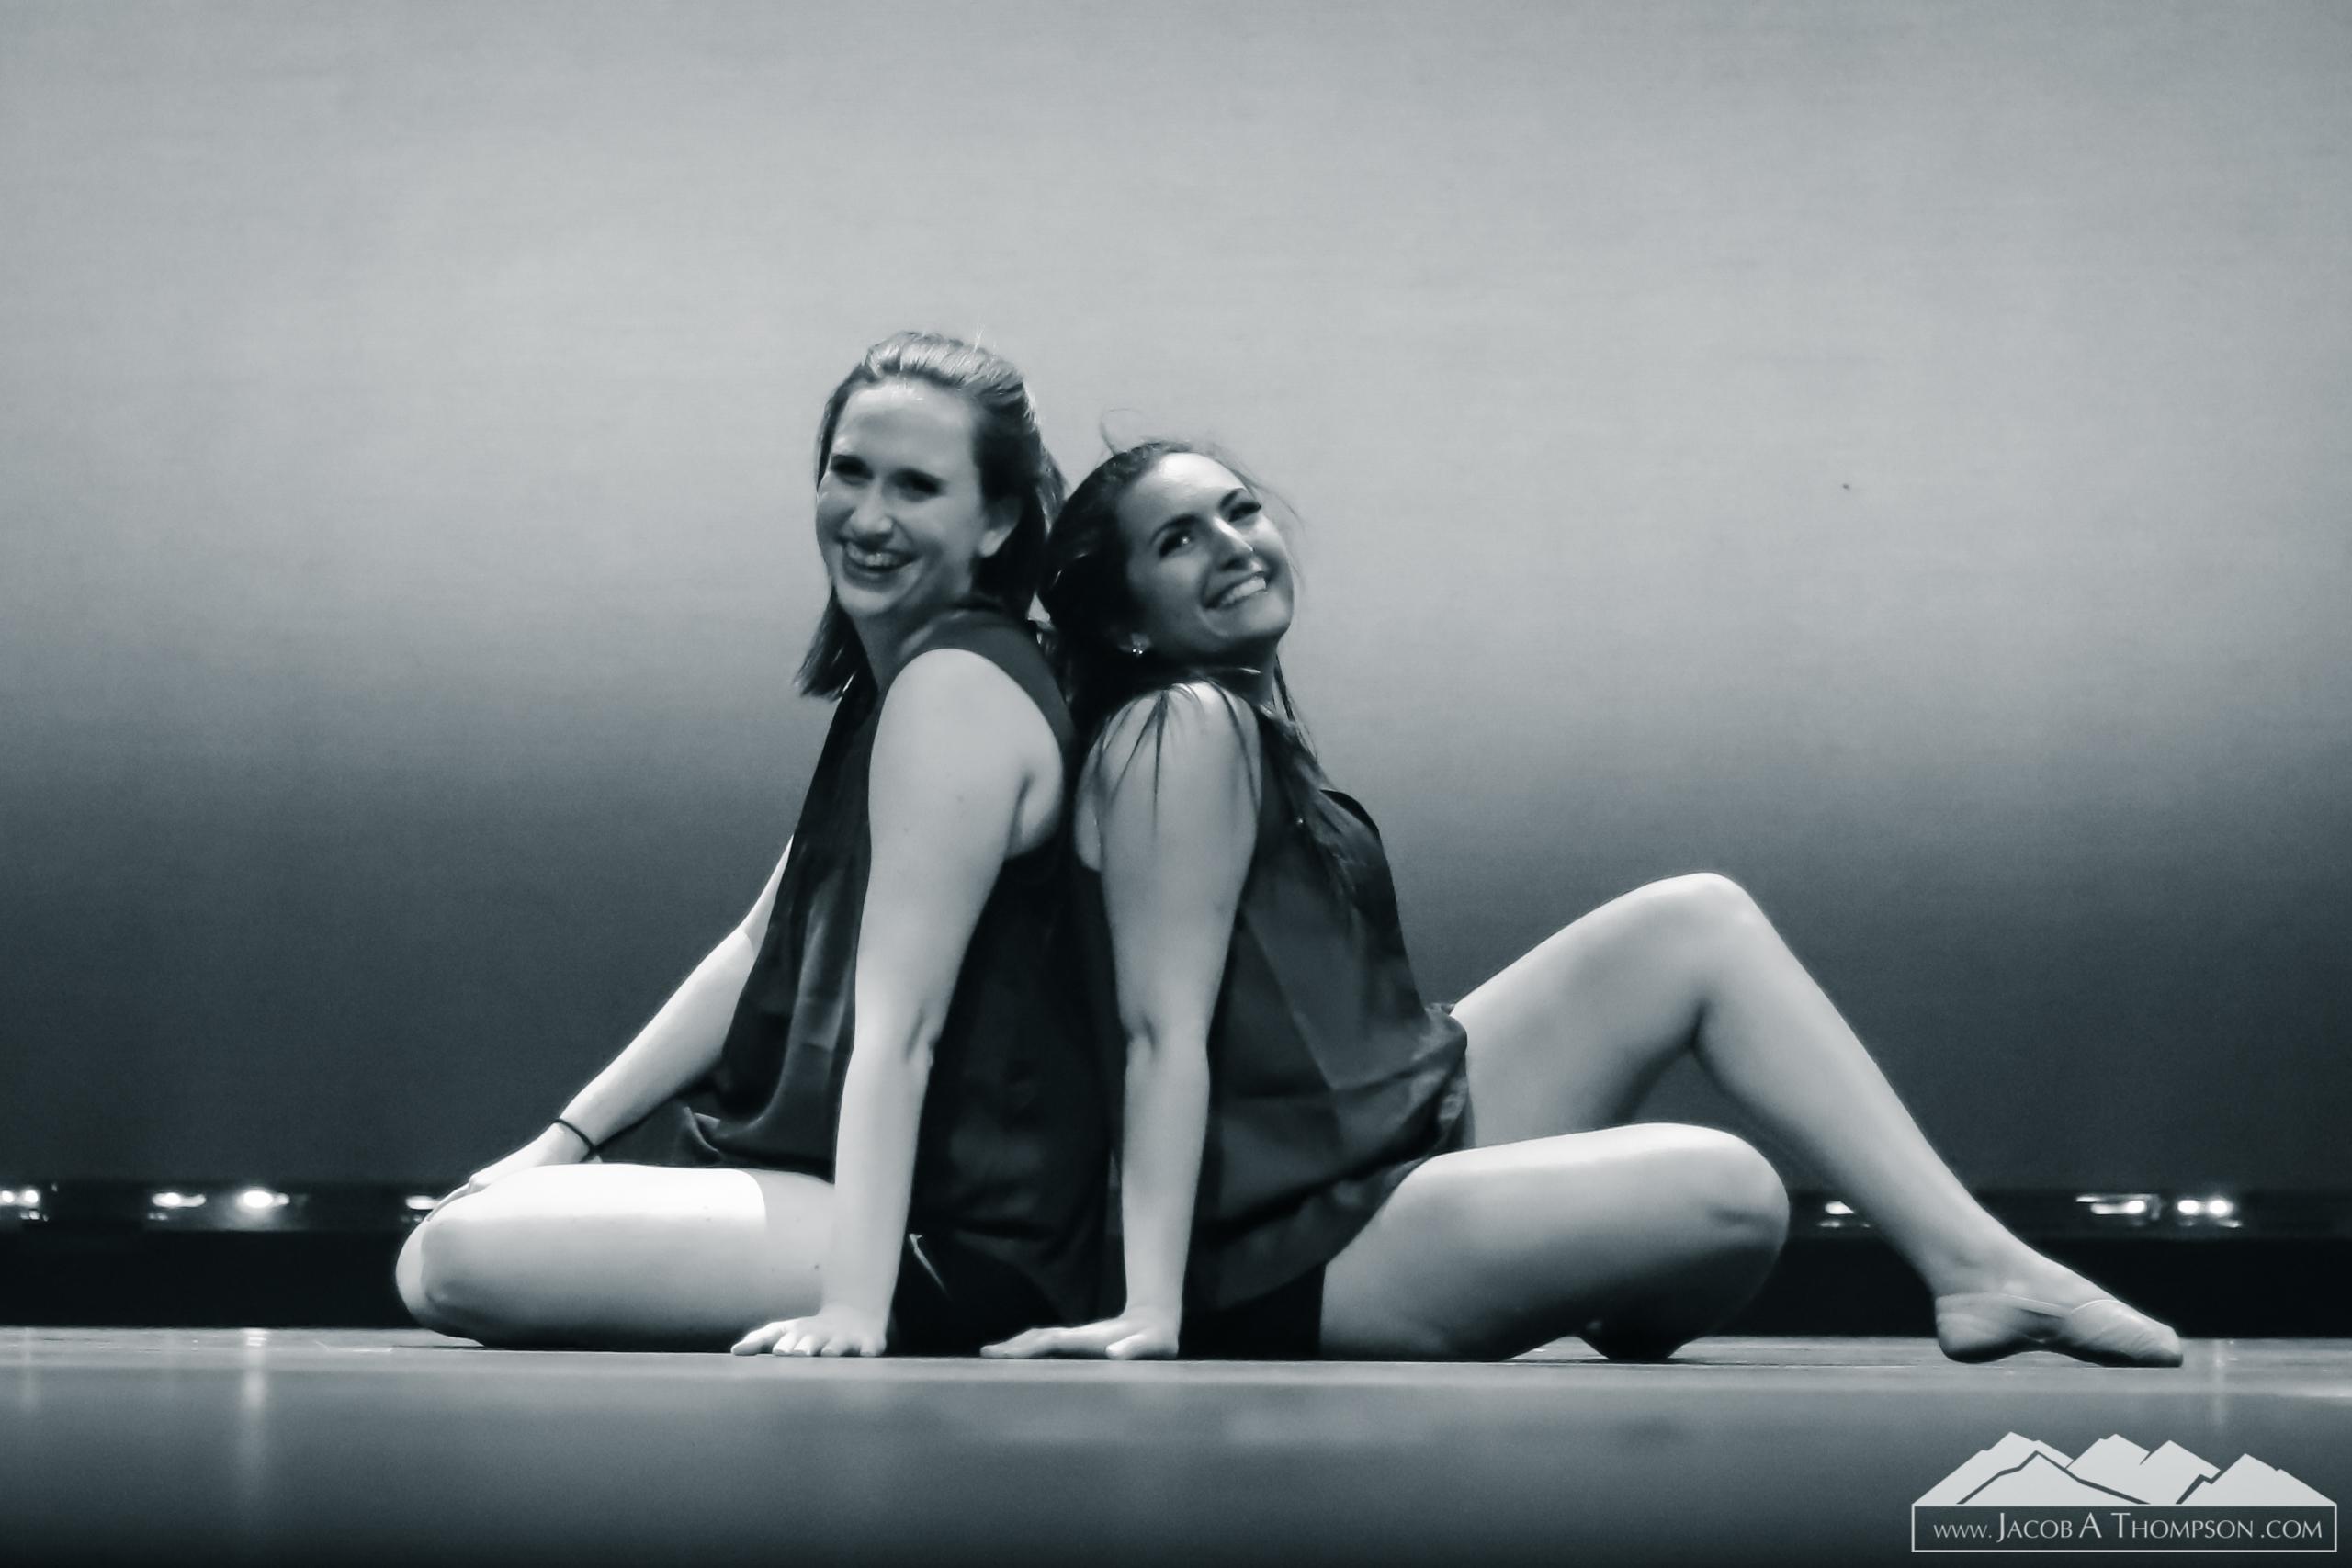 Clemson dancers debra Parmentola